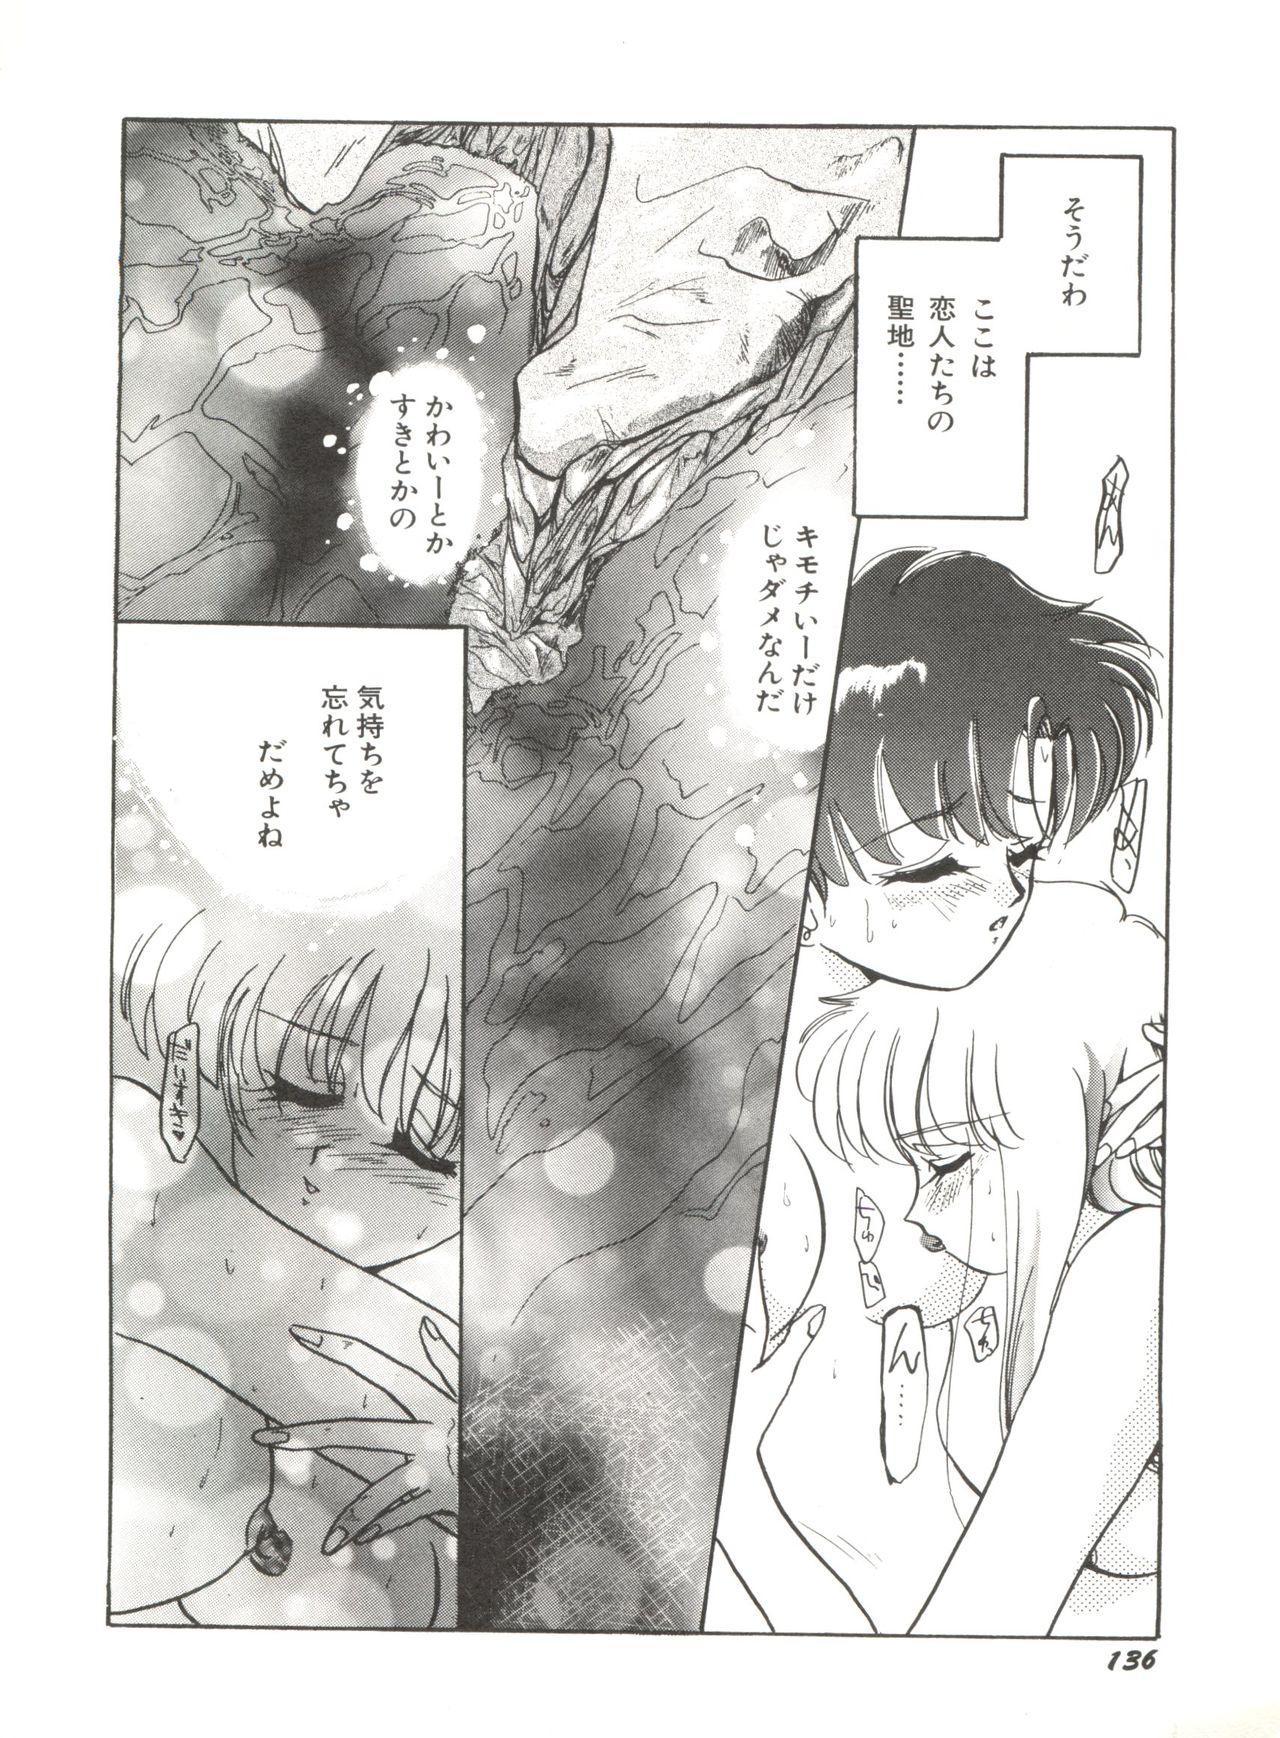 Bishoujo Doujinshi Anthology 12 - Moon Paradise 7 Tsuki no Rakuen 140